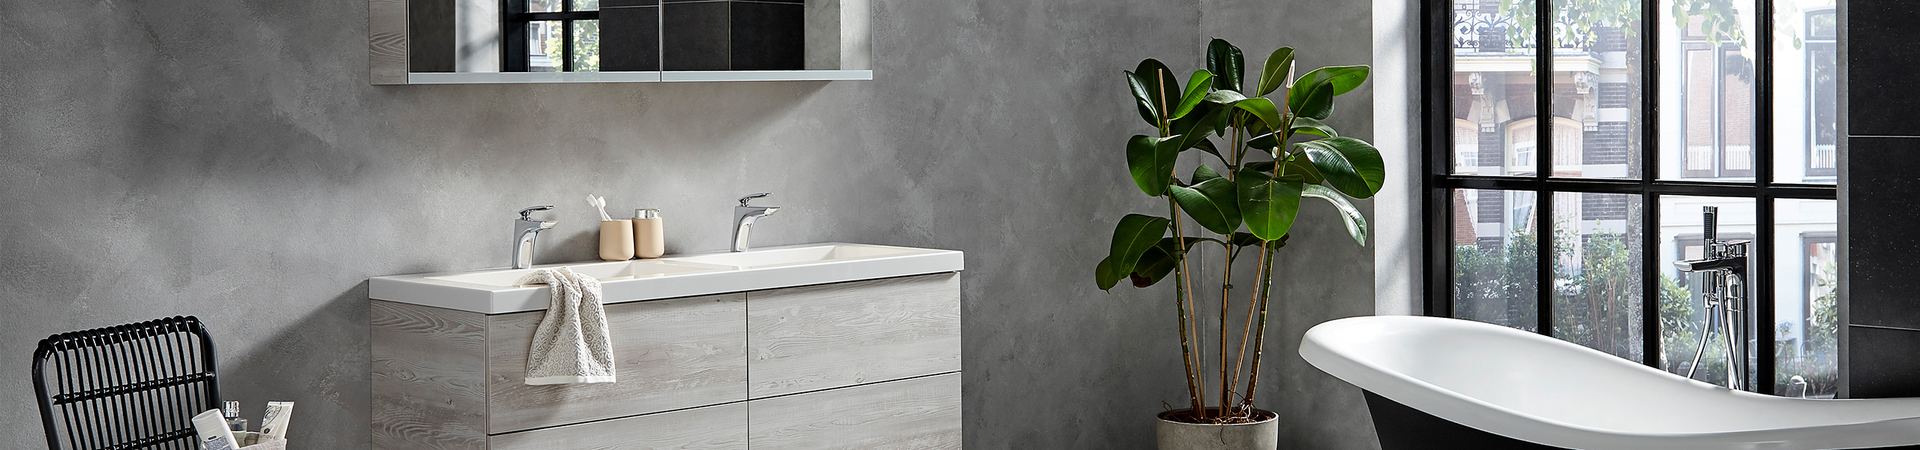 Trend: Betonlook in de badkamer - Trend: Betonlook in de badkamer